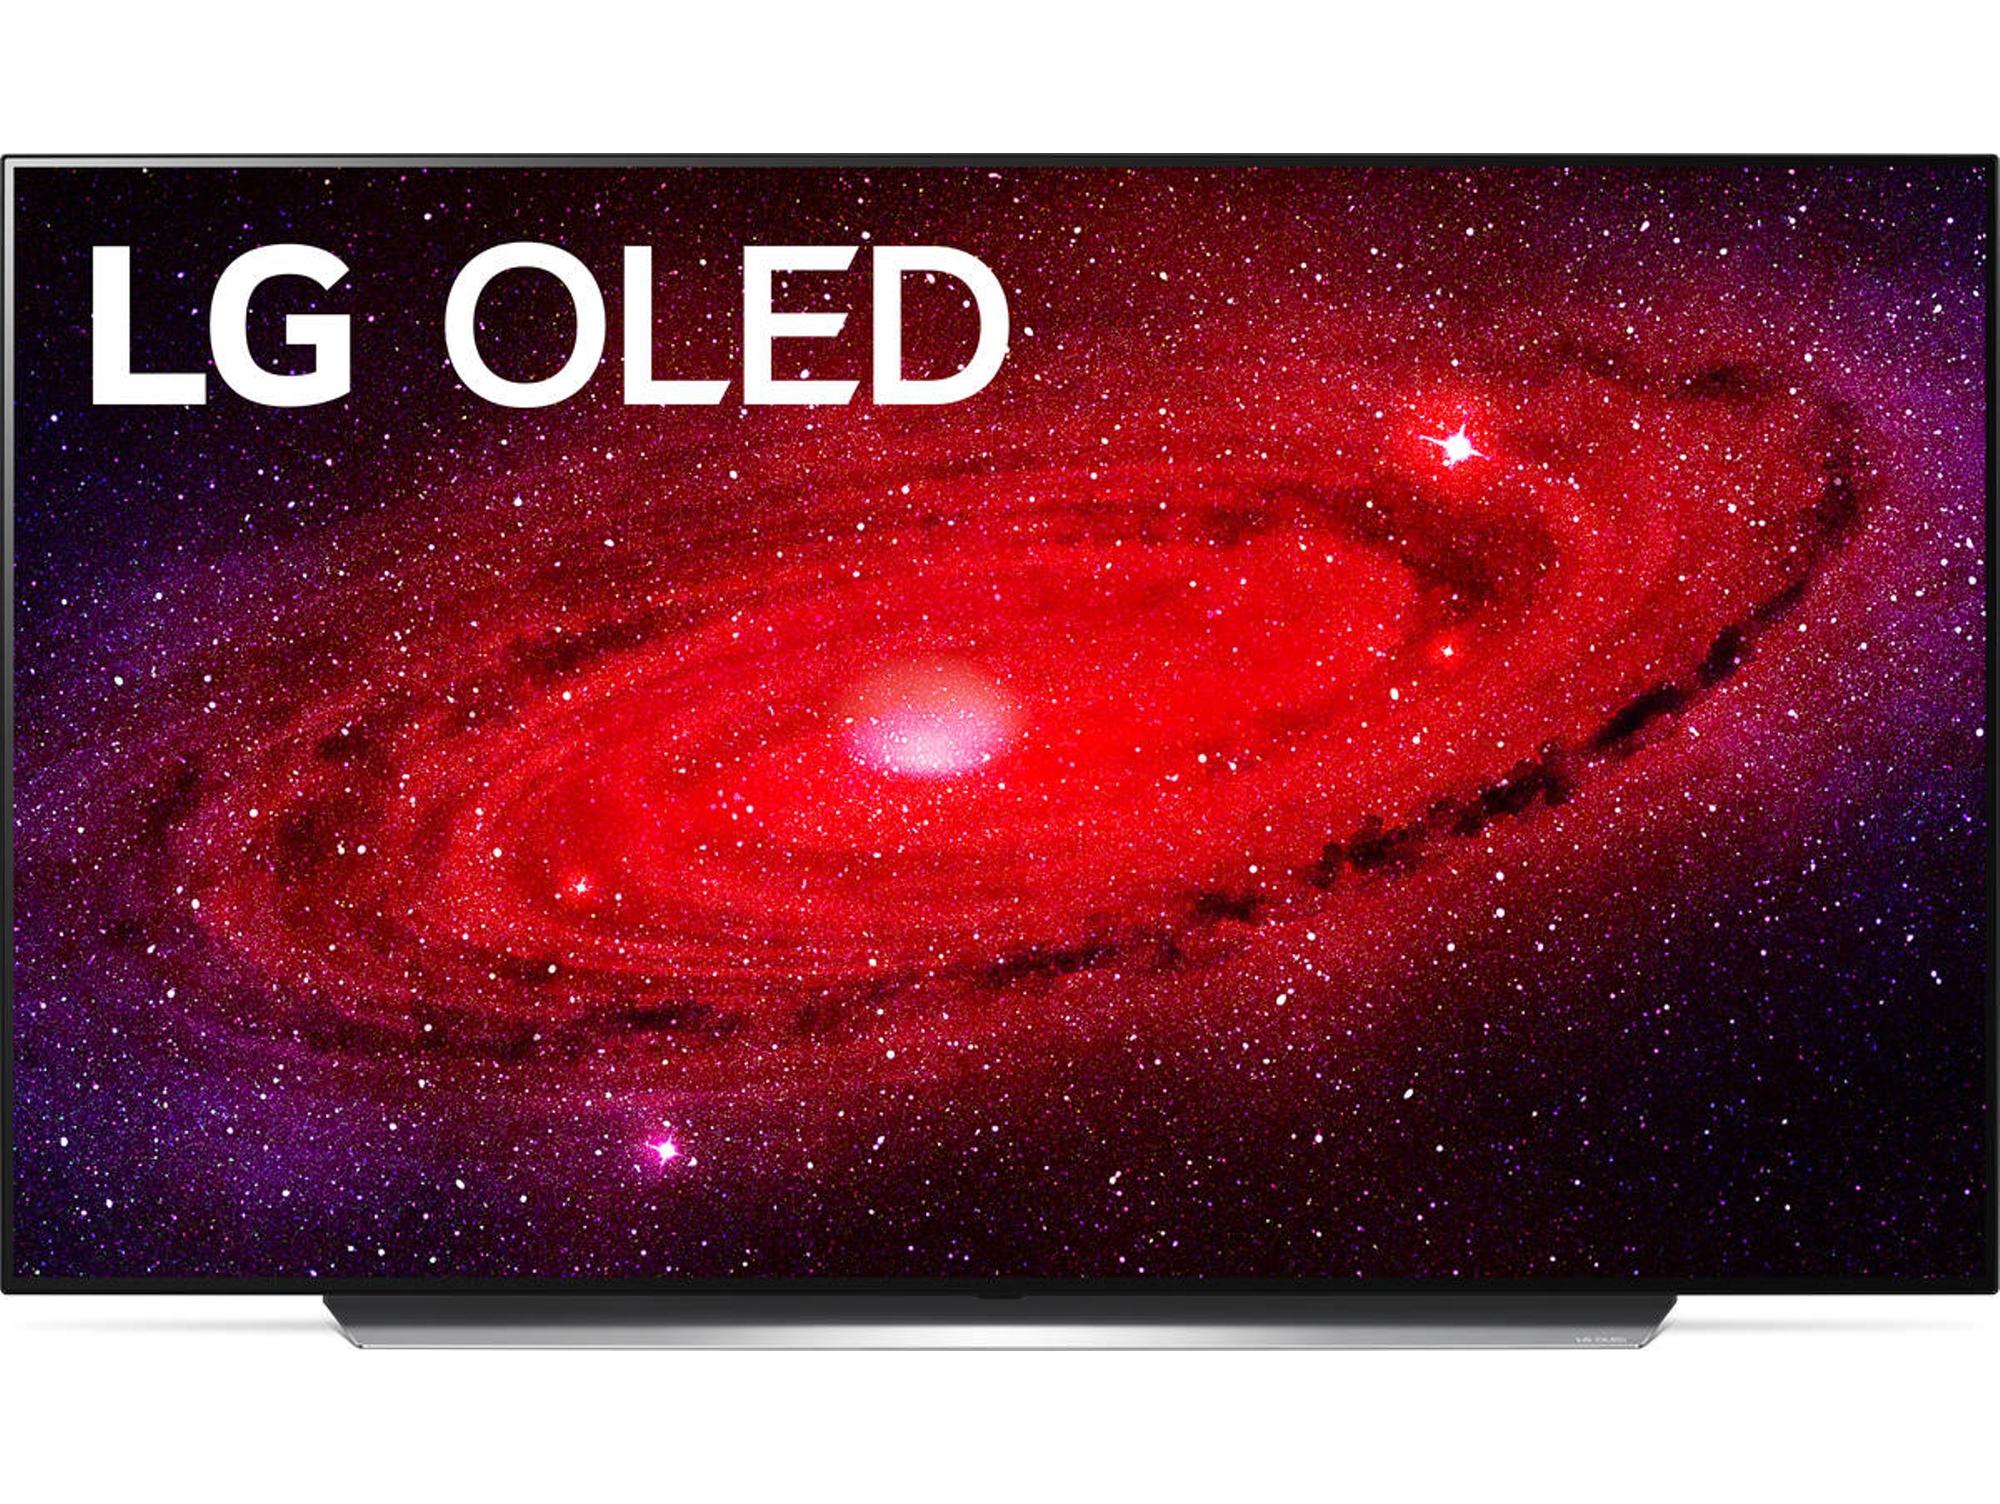 TV LG OLED55CX5 (OLED - 55'' - 140 cm - 4K Ultra HD - Smart TV)